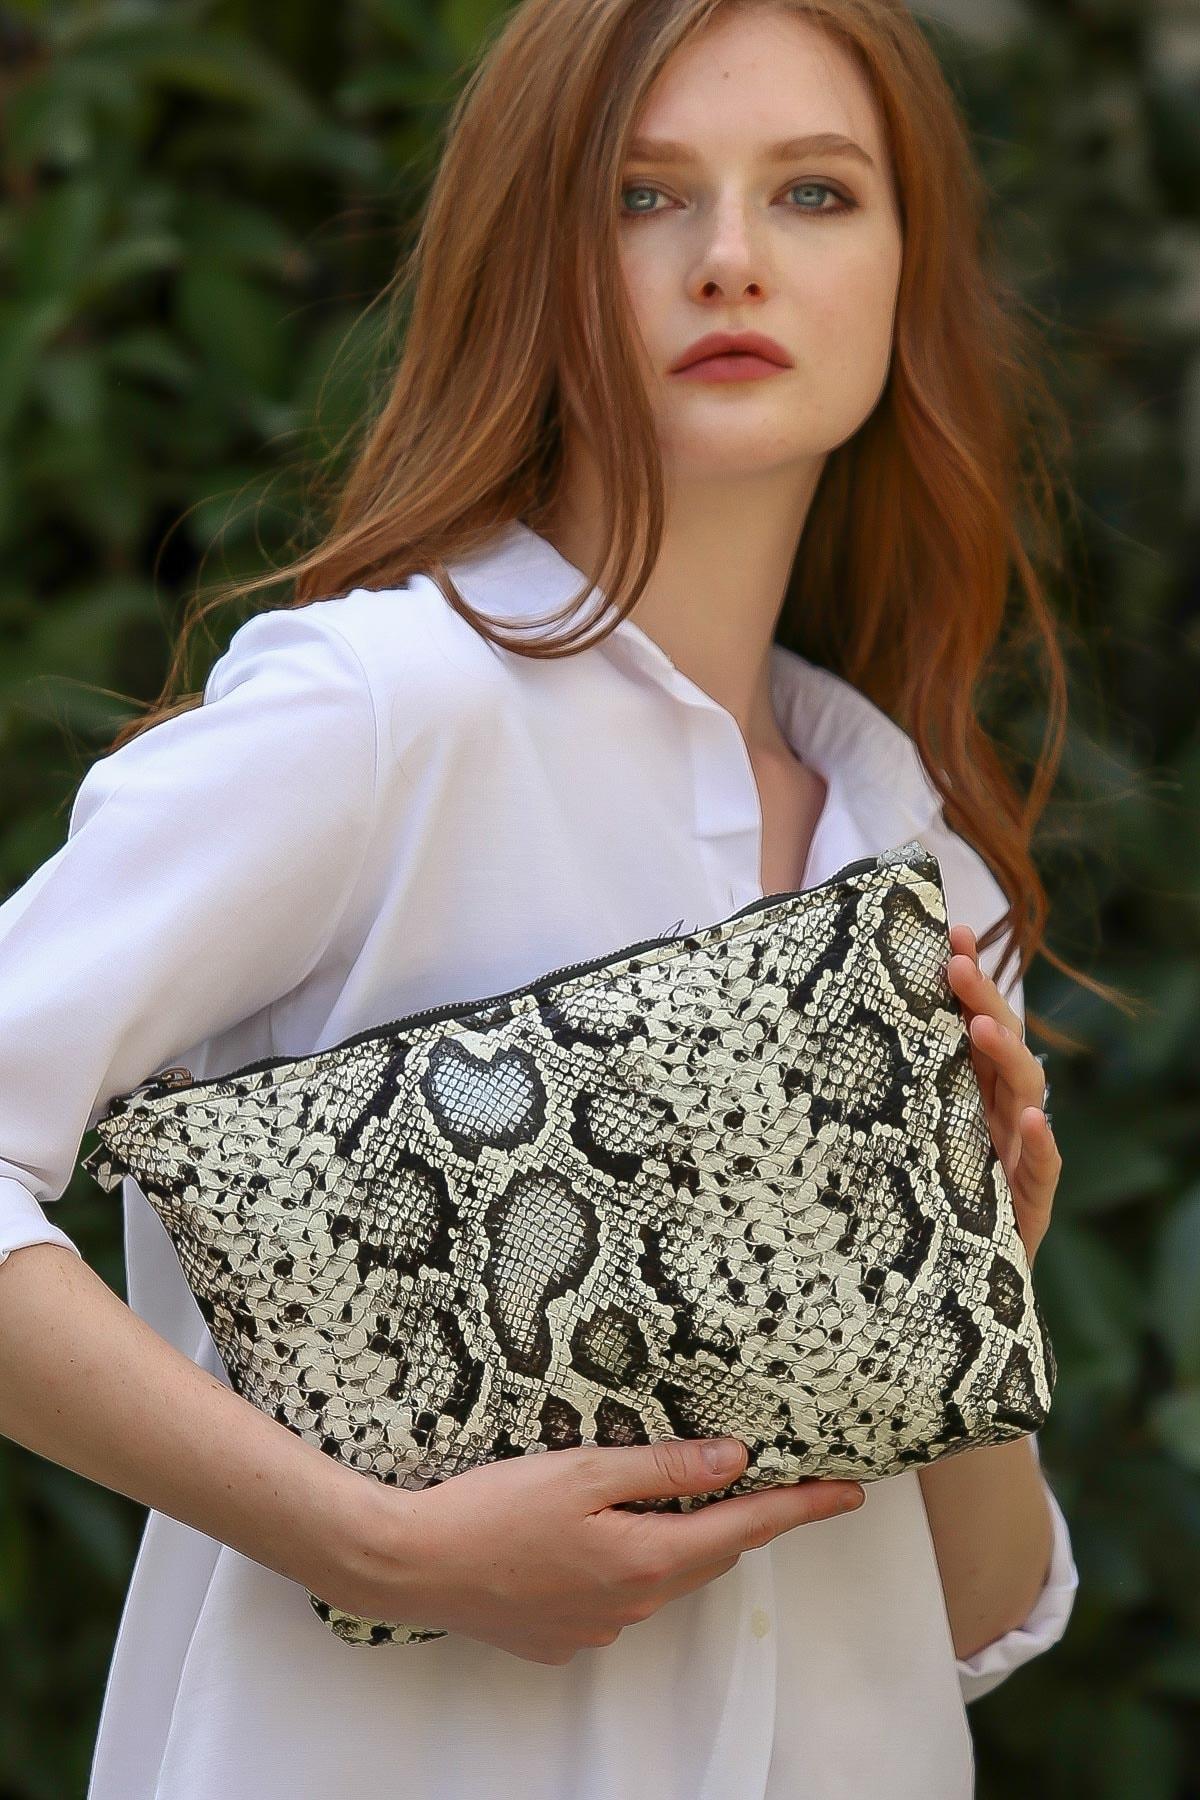 Chiccy Kadın Casual yılan desenli vegan clutch çanta C30090400CF97227 1